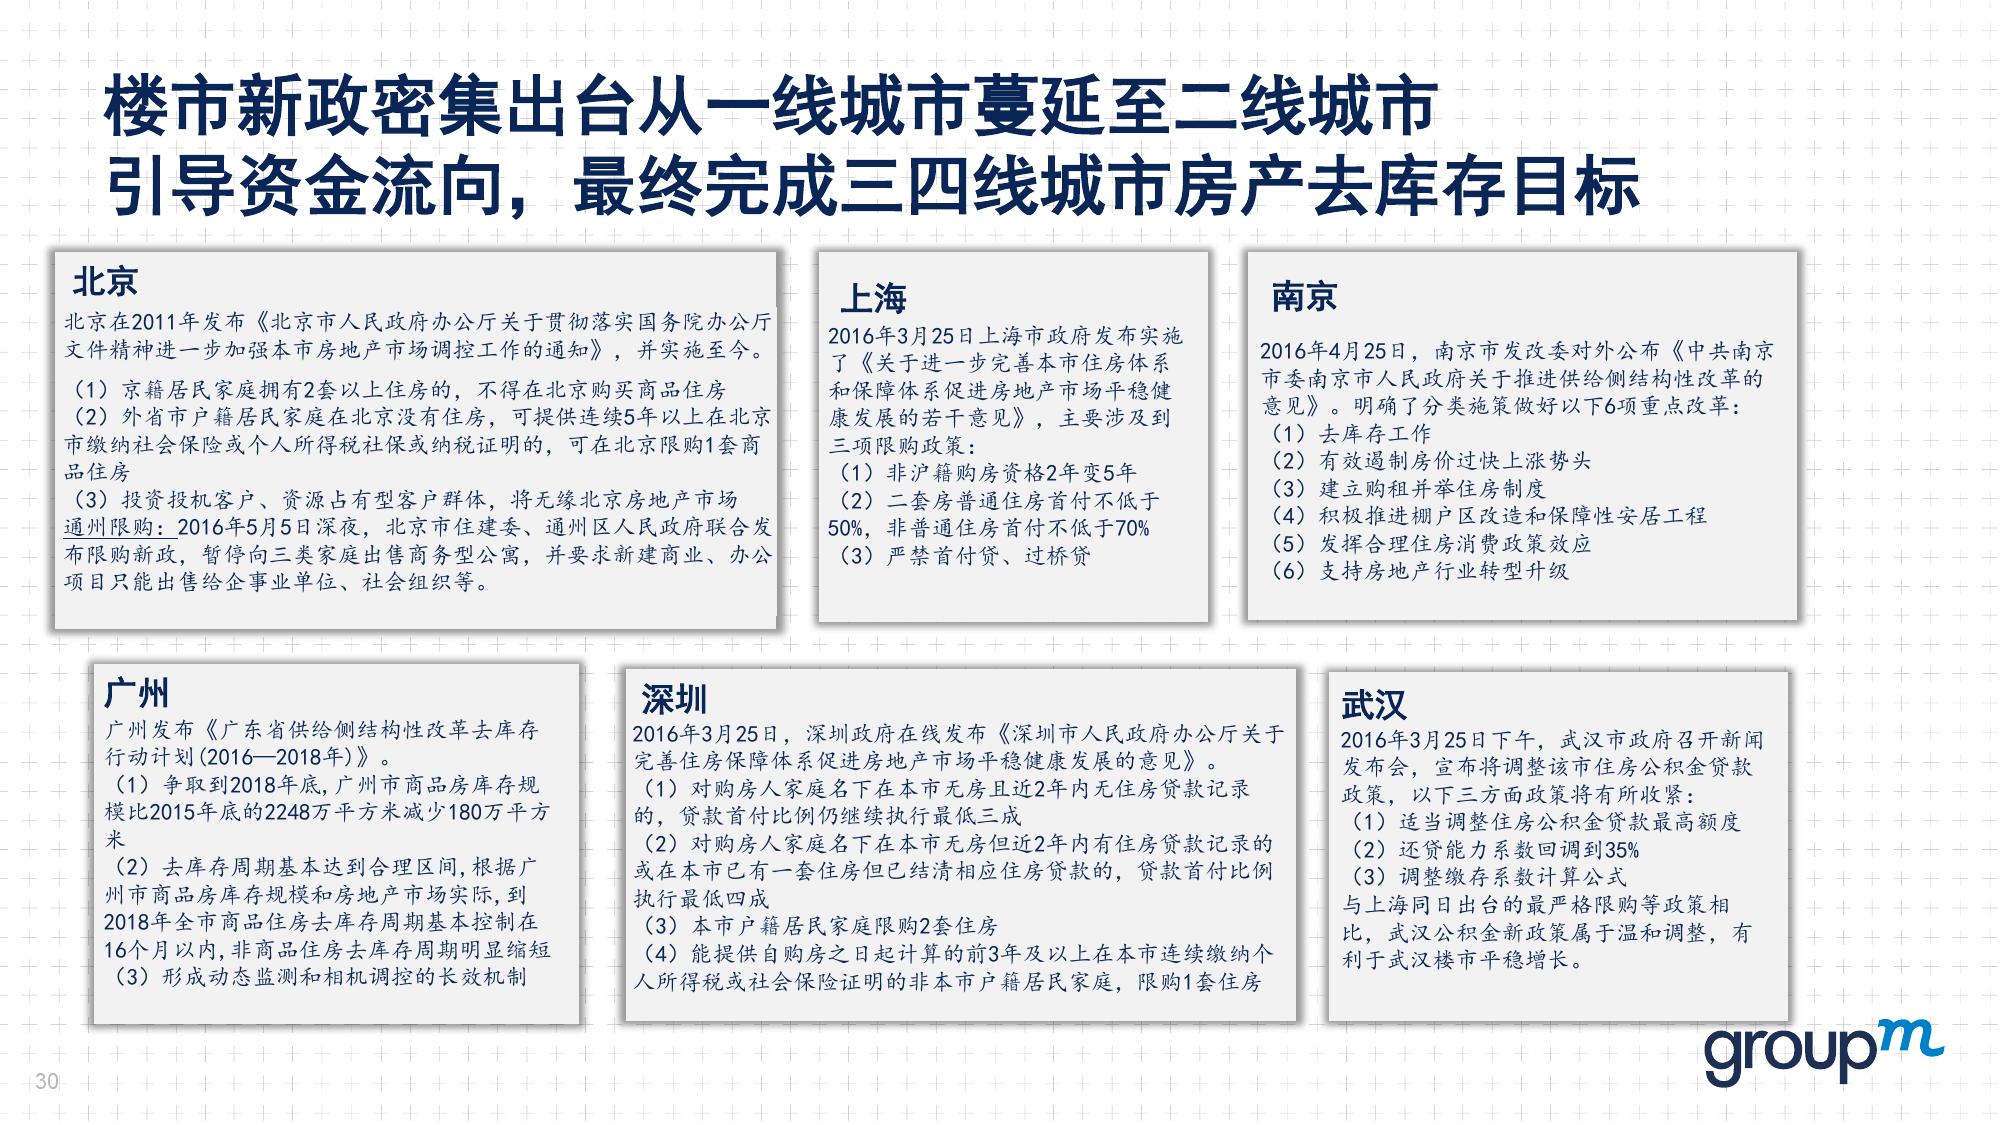 赢在中国2016:从需求刺激转向供给侧改革_000030